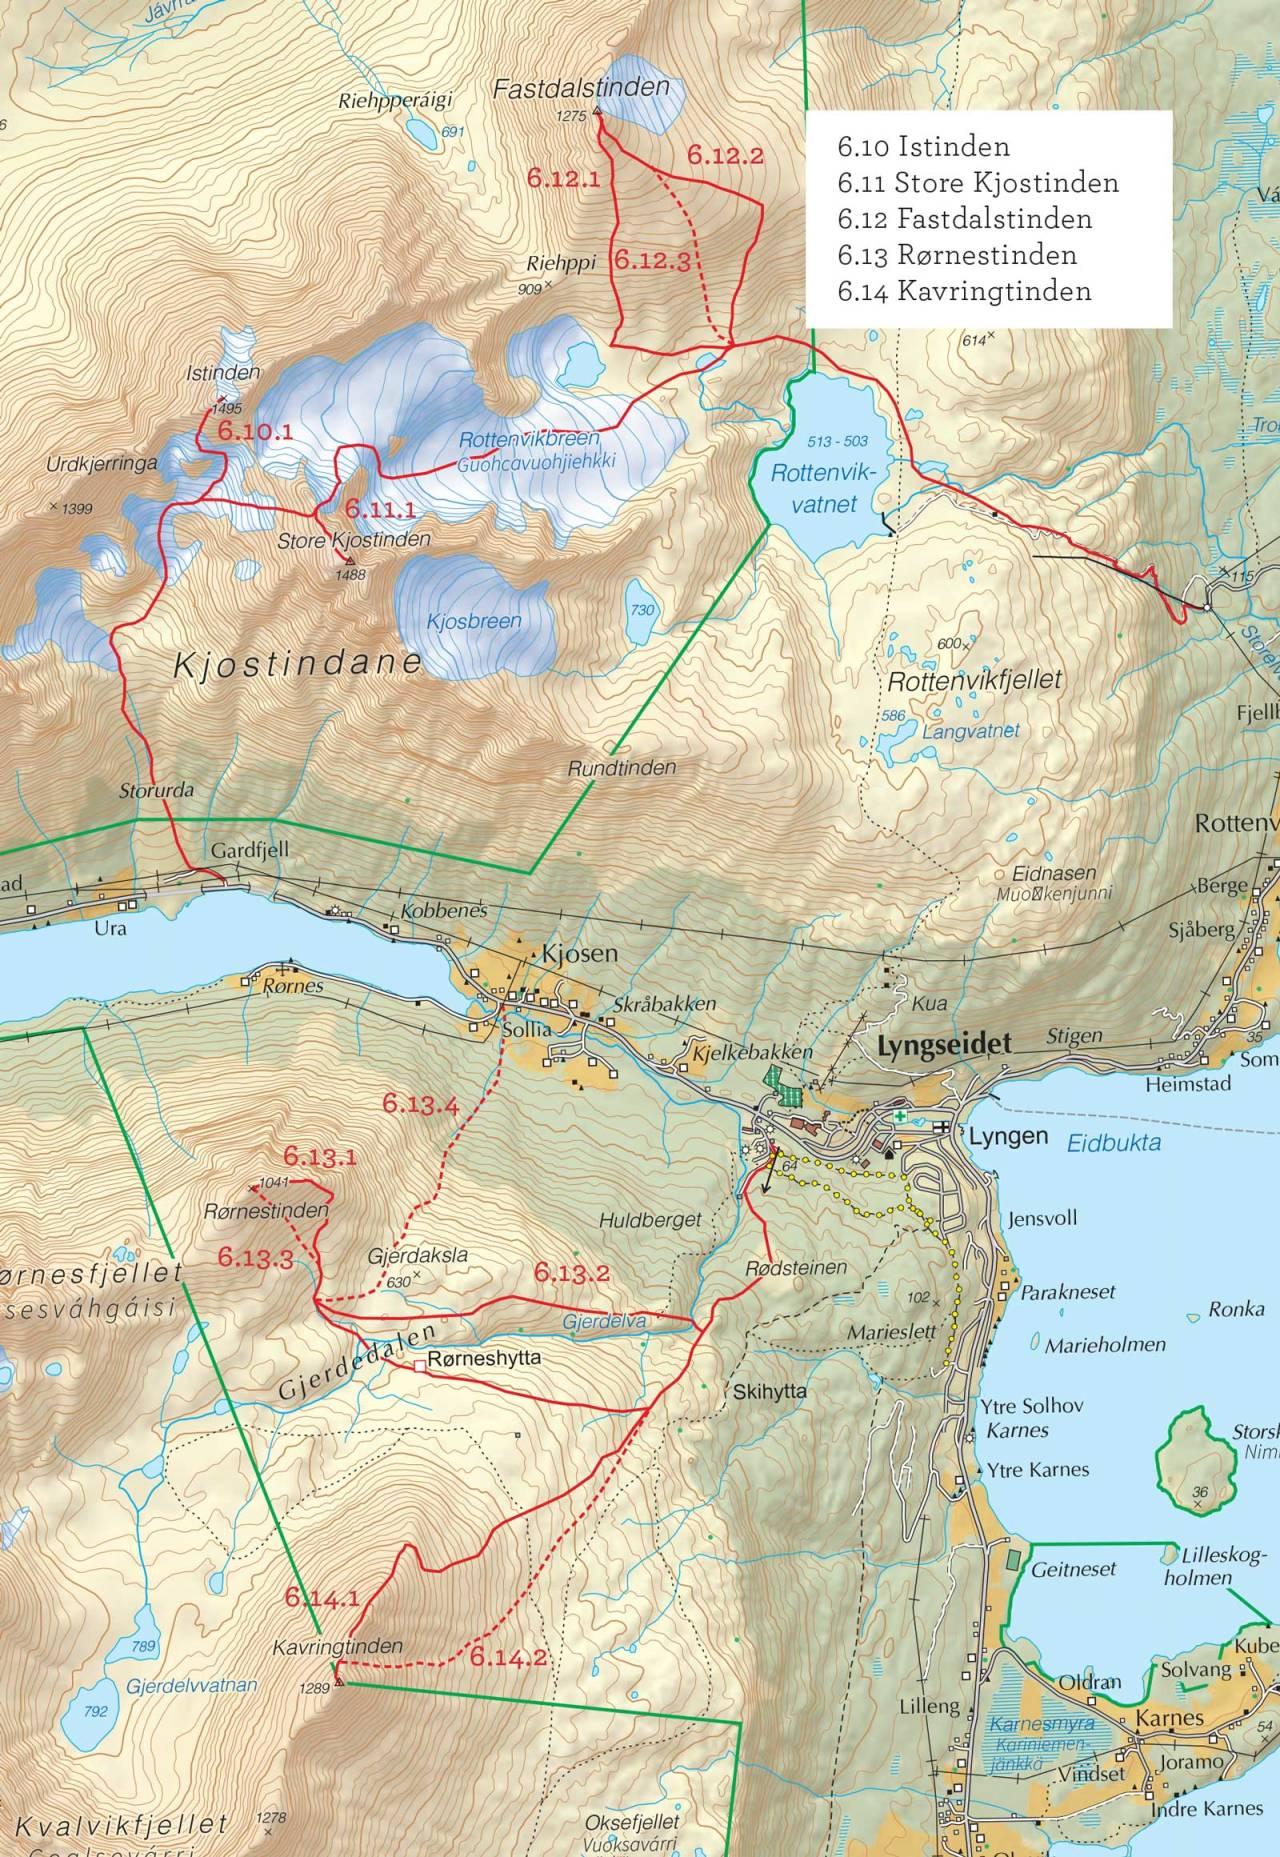 Oversiktskart over Fastdalstinden med inntegnet rute. Fra Toppturer i Troms.